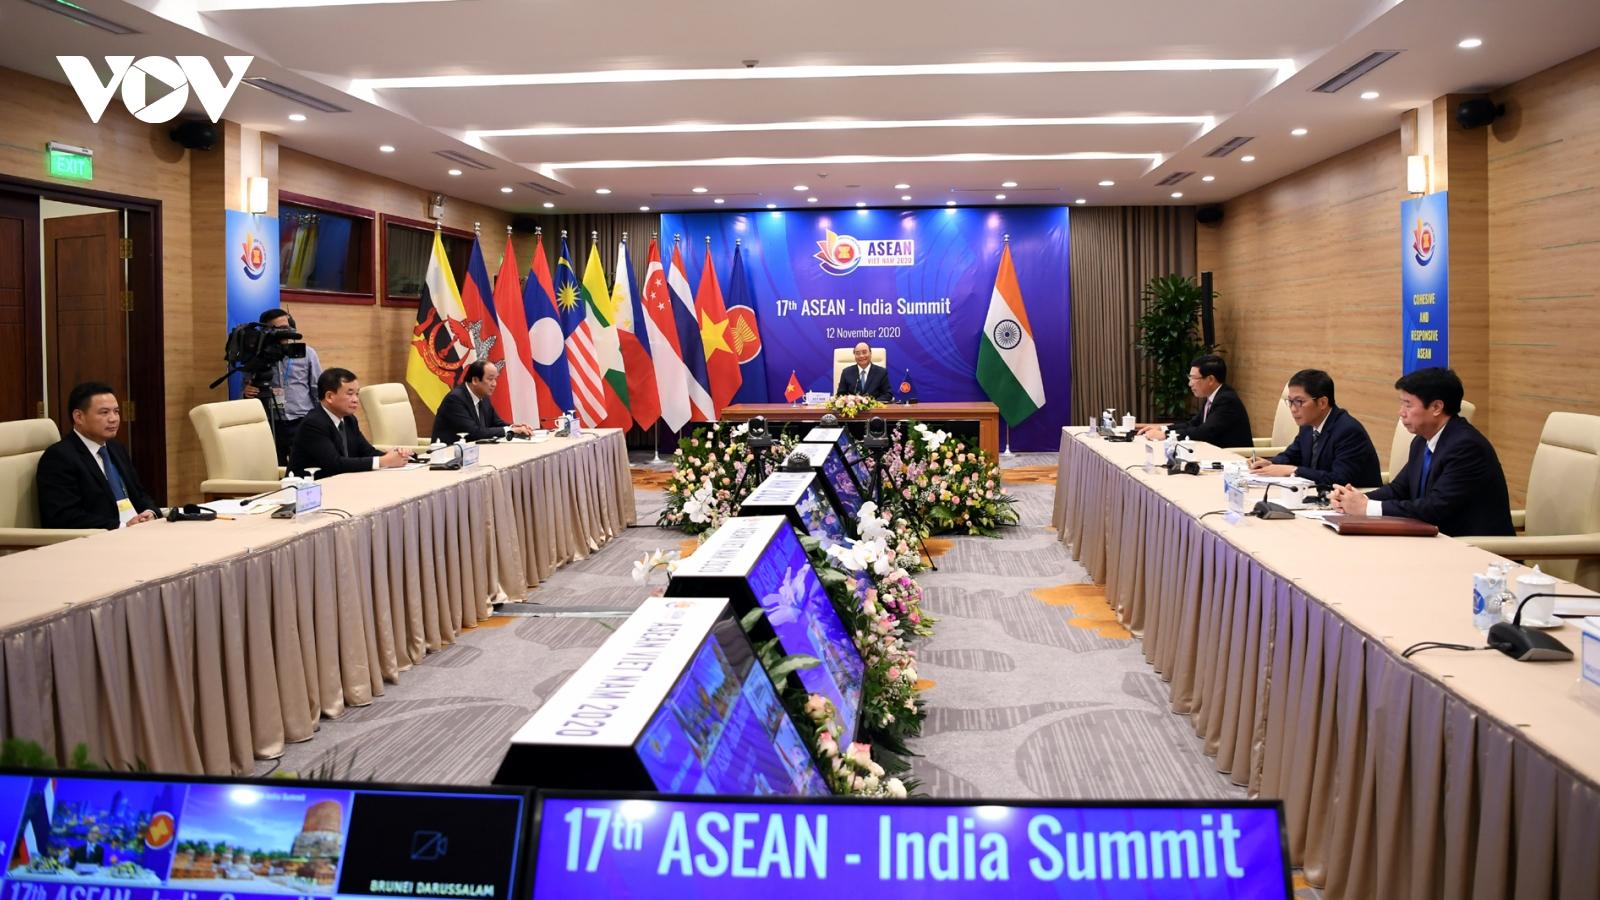 Ấn Độ sẵn sàng cùng ASEAN hợp tác, phấn đấu vì Biển Đông hòa bình, ổn định